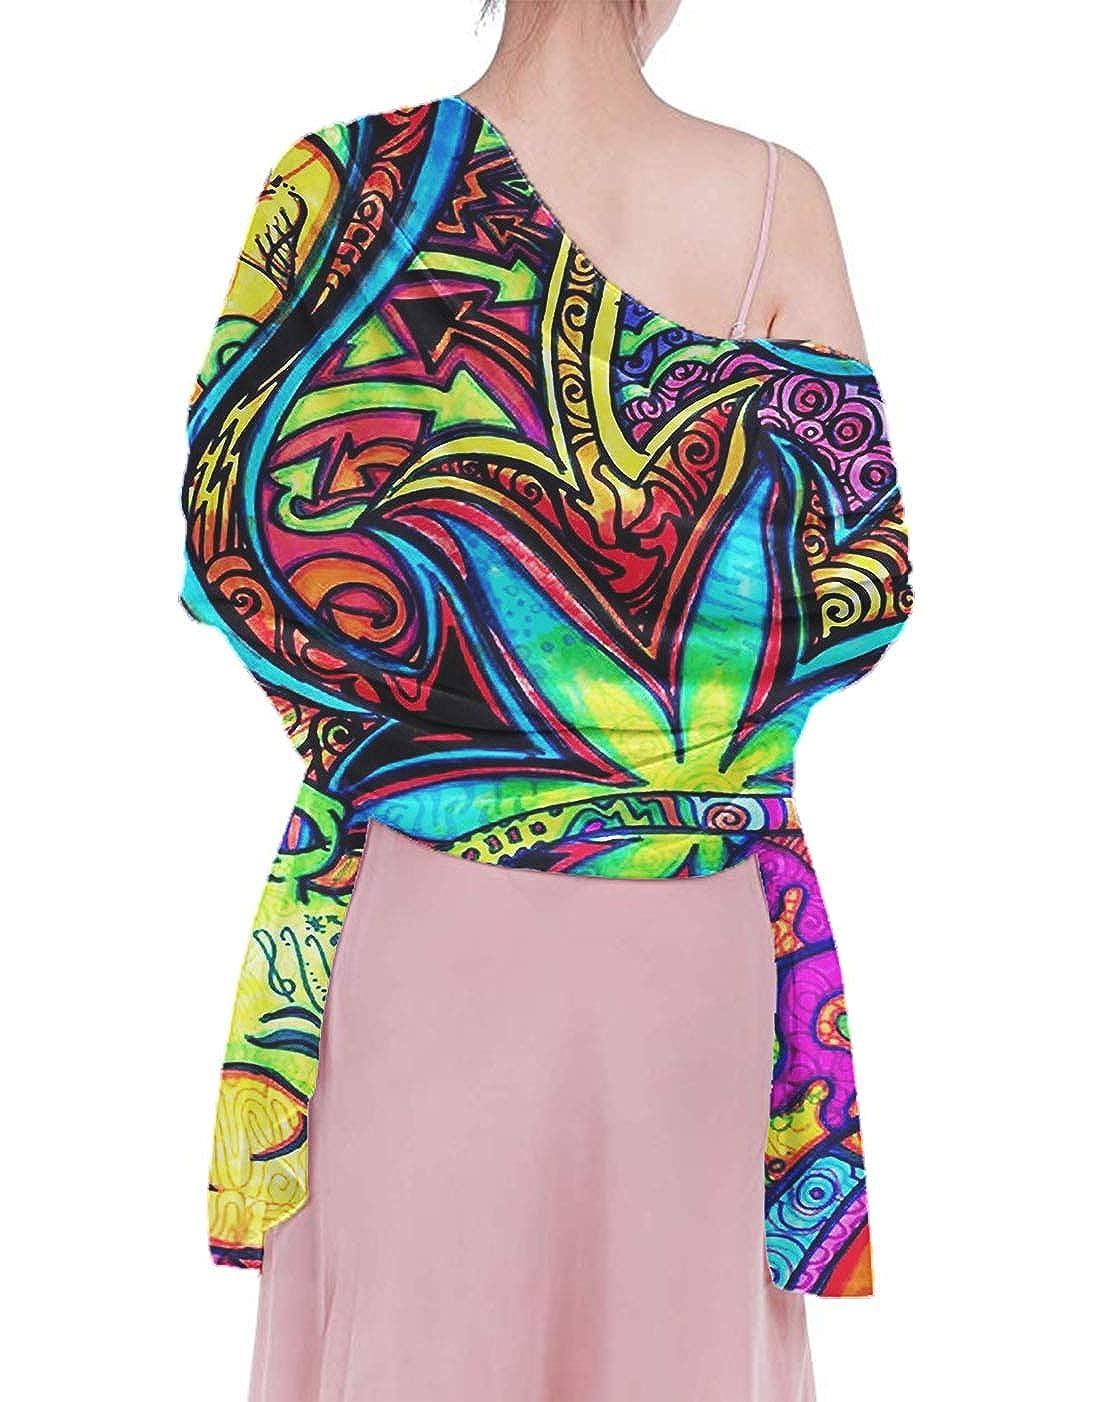 Fashion Silky Feel Shawls Holiday New Year Party Swimwear Scarf Cape Shawl